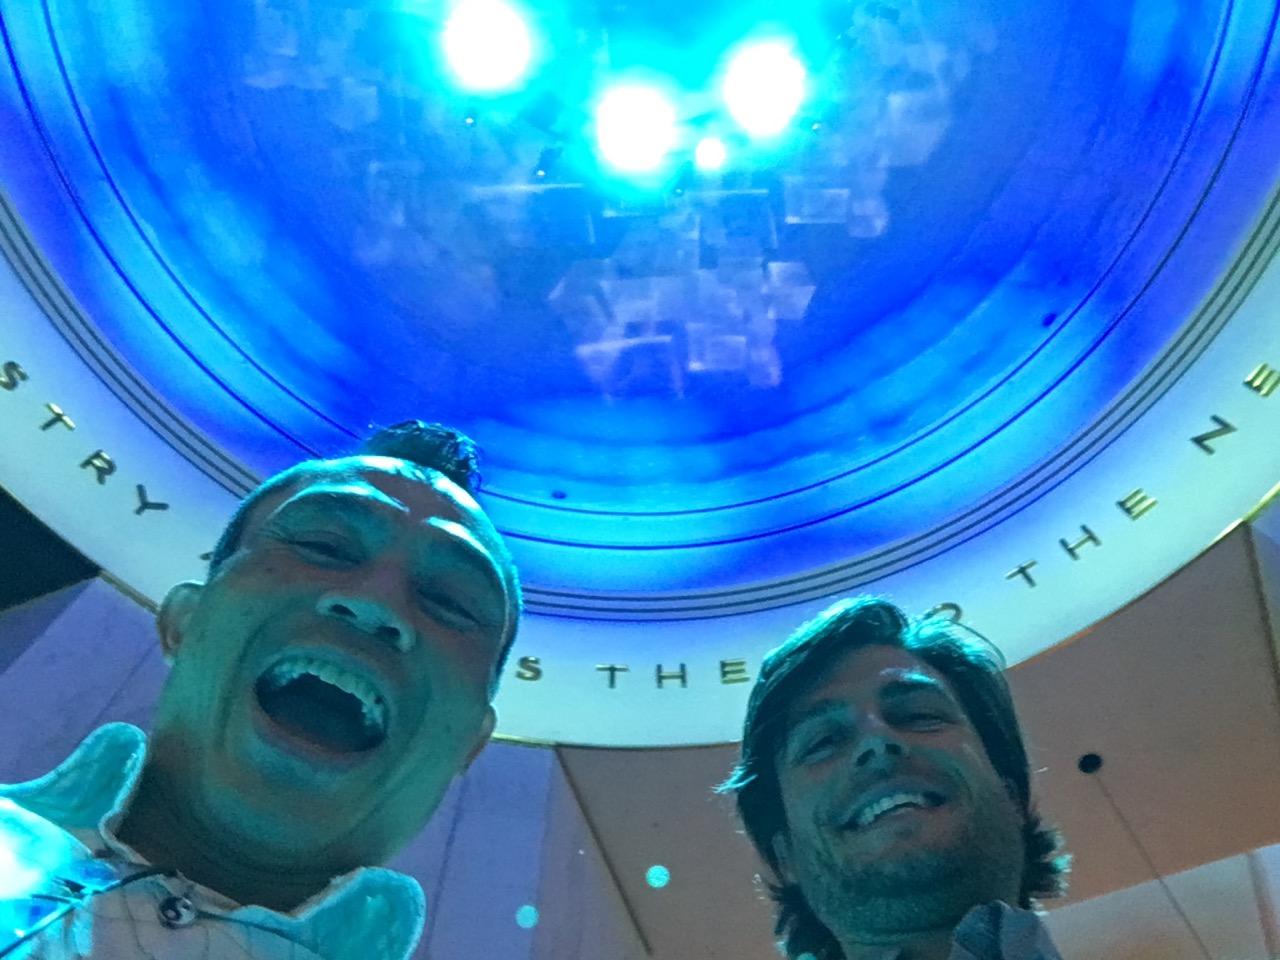 Andrew and rik at MSI